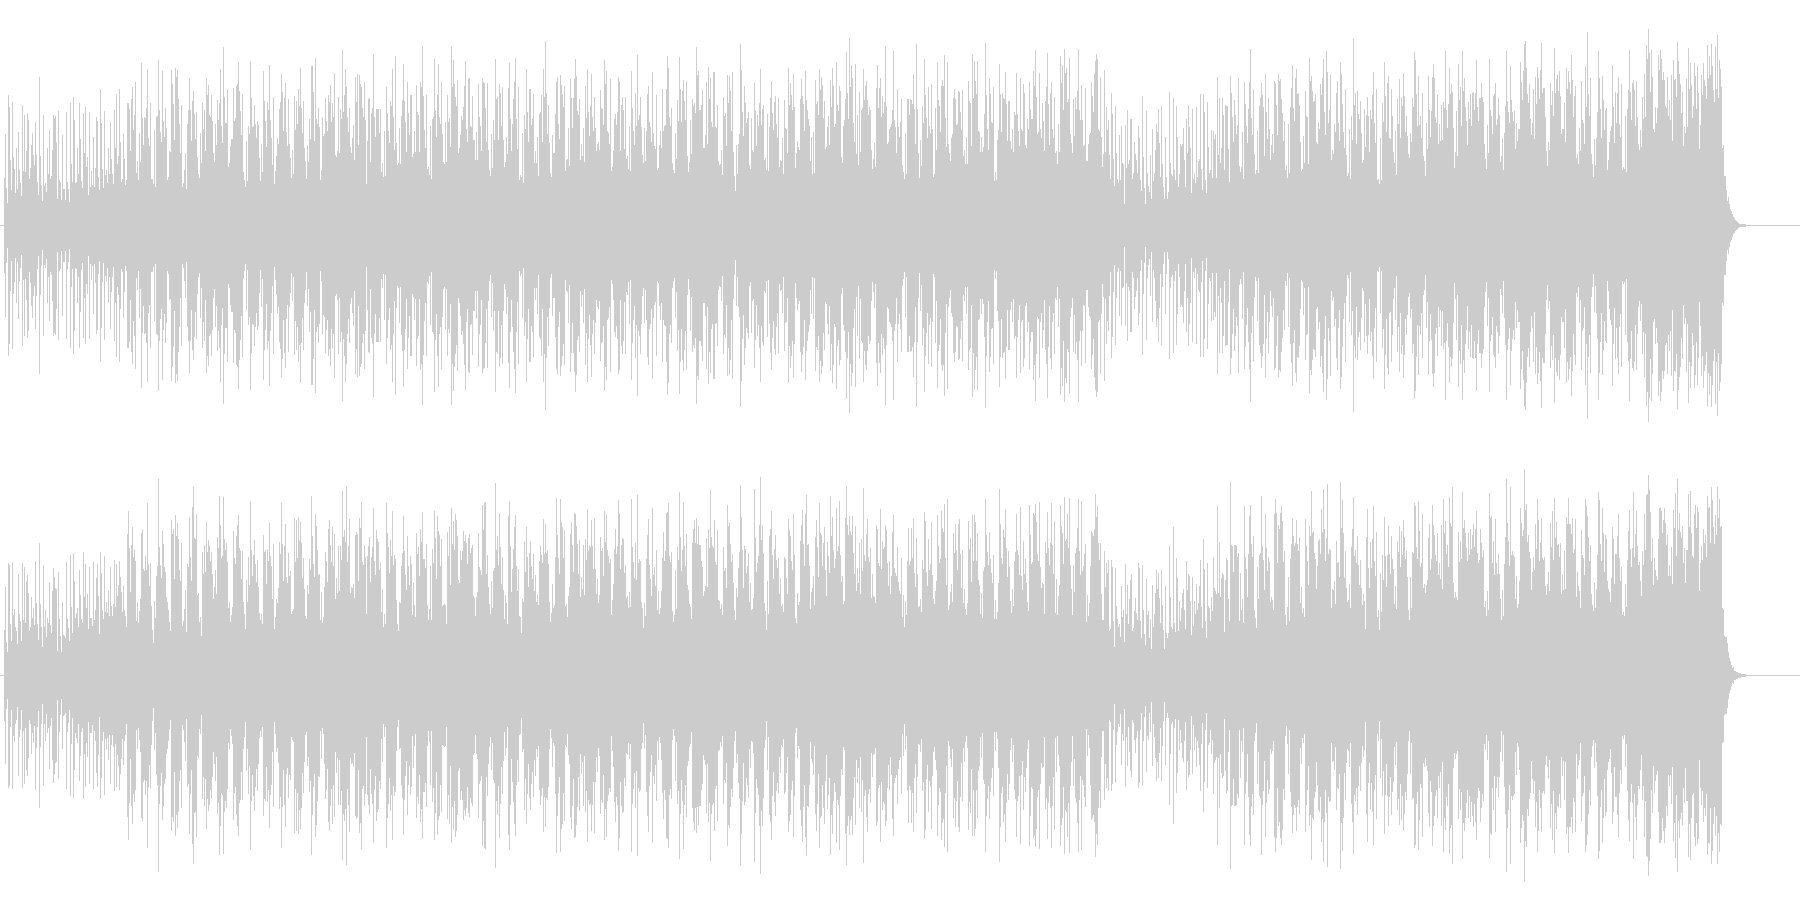 字幕インフォメーション用フュージョンの未再生の波形